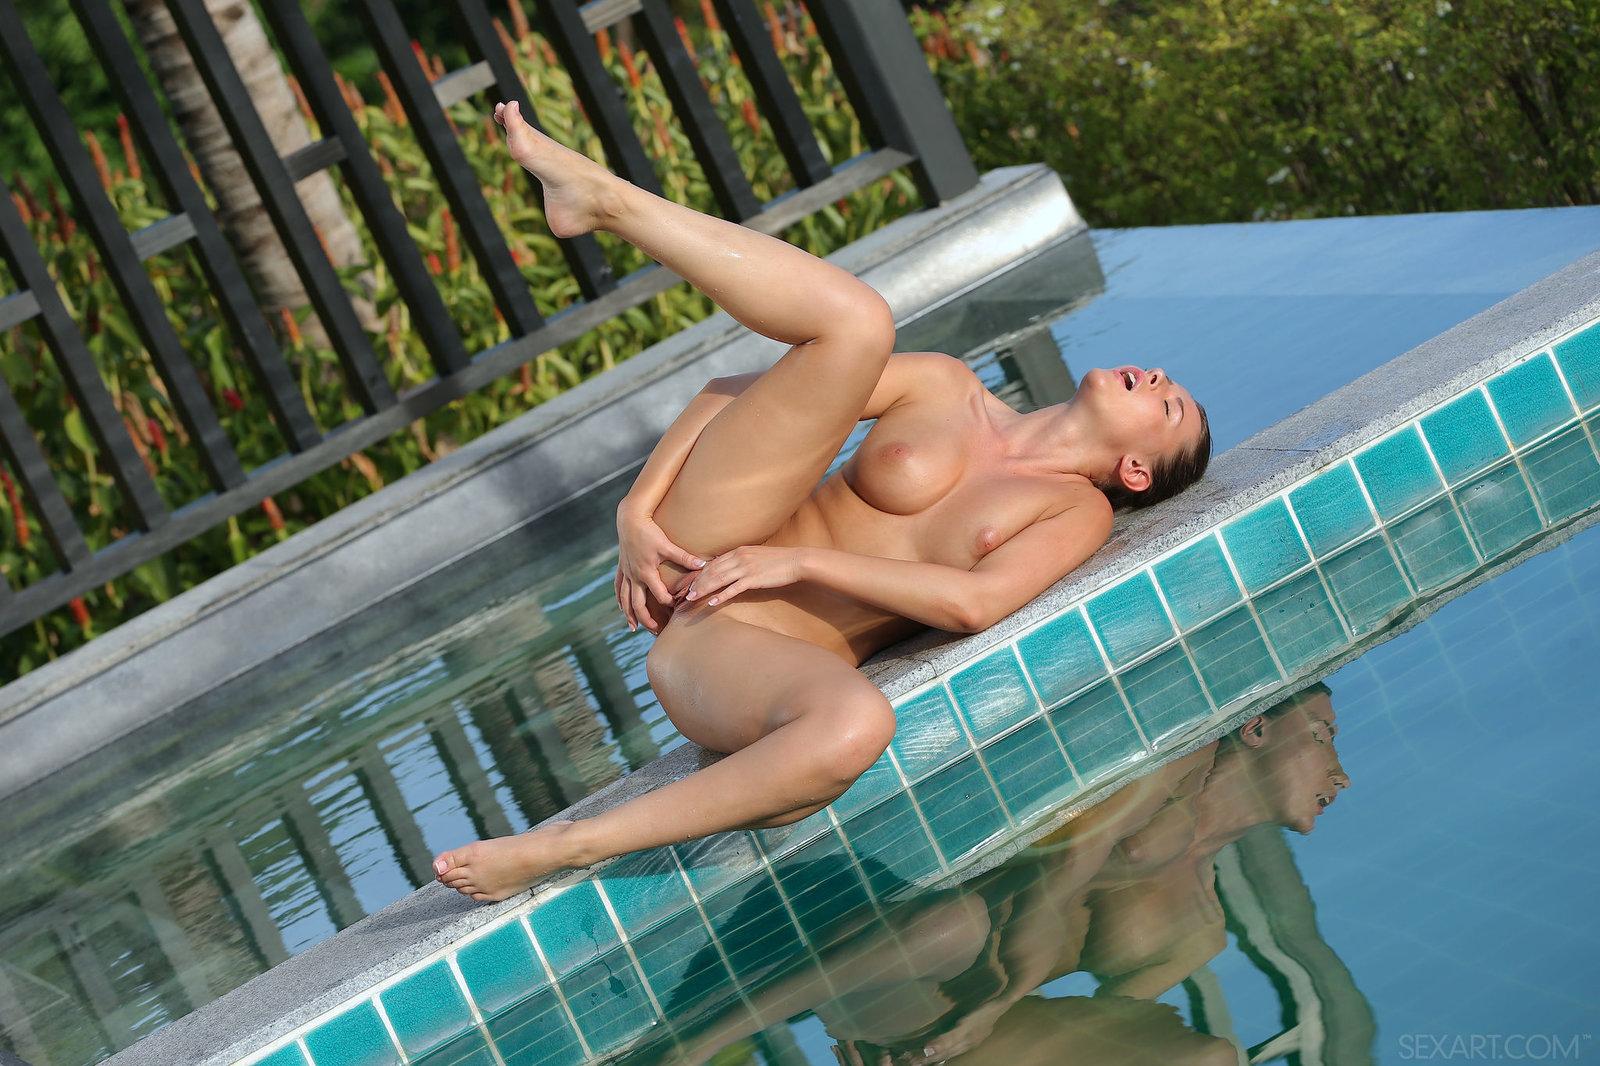 Zdjęcie porno - 111 - Laska pieści się przy basenie